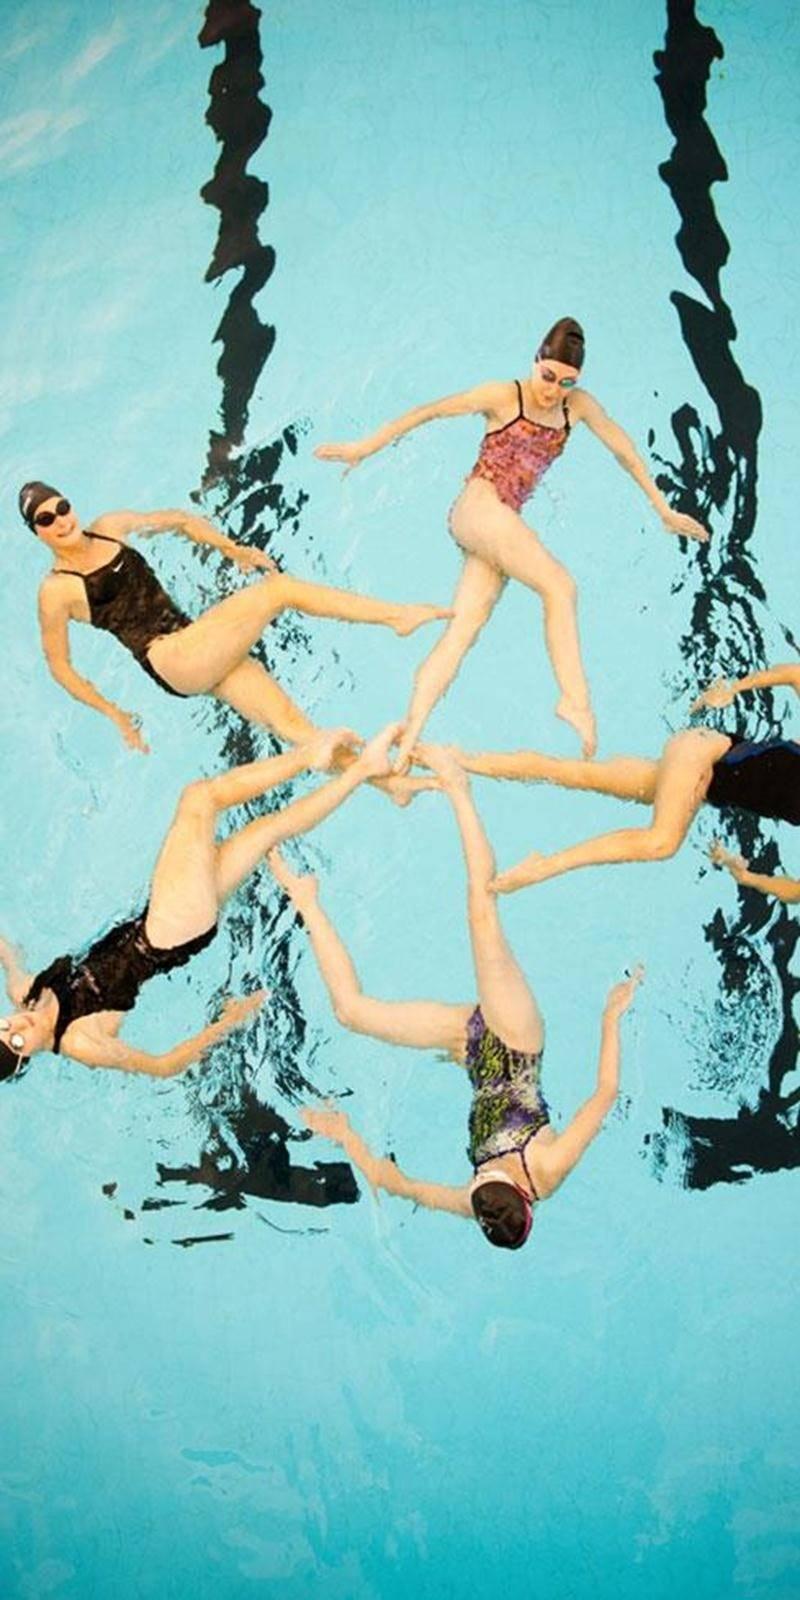 La Corporation aquatique maskoutaine est fière de recevoir la Coupe du Président au Centre Aquatique Desjardins. Cette compétition de prestige regroupe plus de 300 athlètes provenant des quatre coins de la province, dont 28 athlètes du Club des Vestales de Saint-Hyacinthe. Les amateurs de baignade sont priés de noter que certaines séances de bain libre sont annulées pour faire place à cette activité, soit le vendredi 9 mai, bain libre en longueur de 17 h à 18 h et bain libre au bassin compétitif